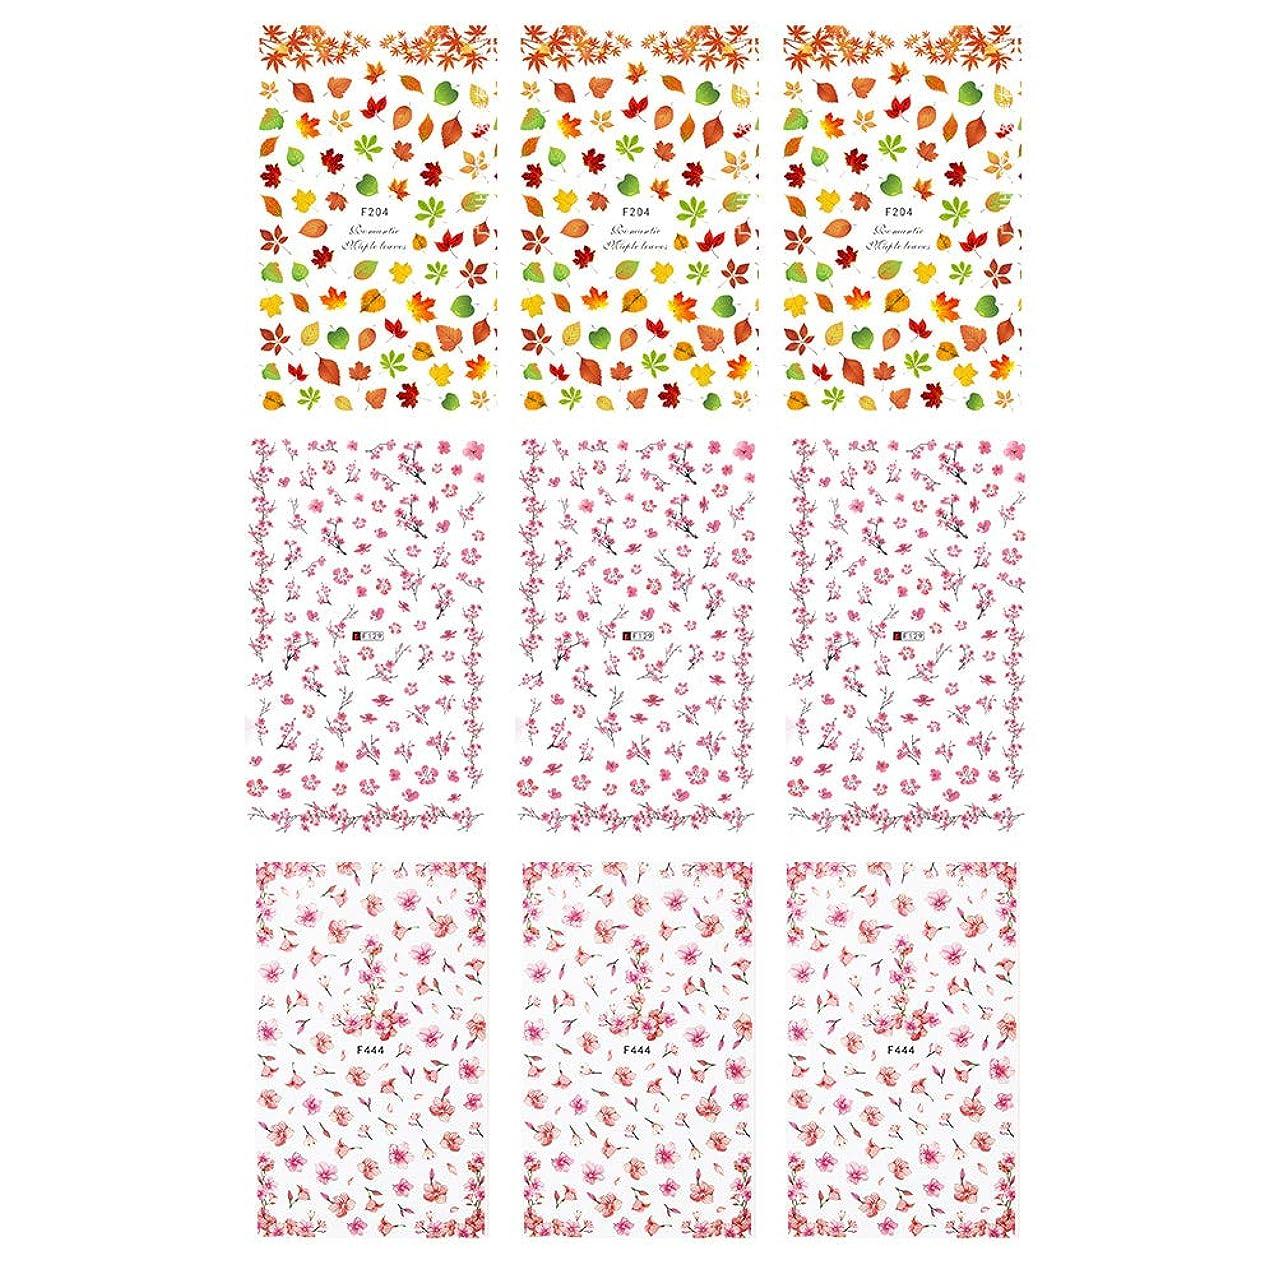 励起アイスクリーム再生可能Frcolor ネイルシール 花 3D ネイルステッカー 水彩風 ネイルホイル ももの花 桜 ネイルアートシール 爪に貼るだけ マニキュア 3種類 9枚セット